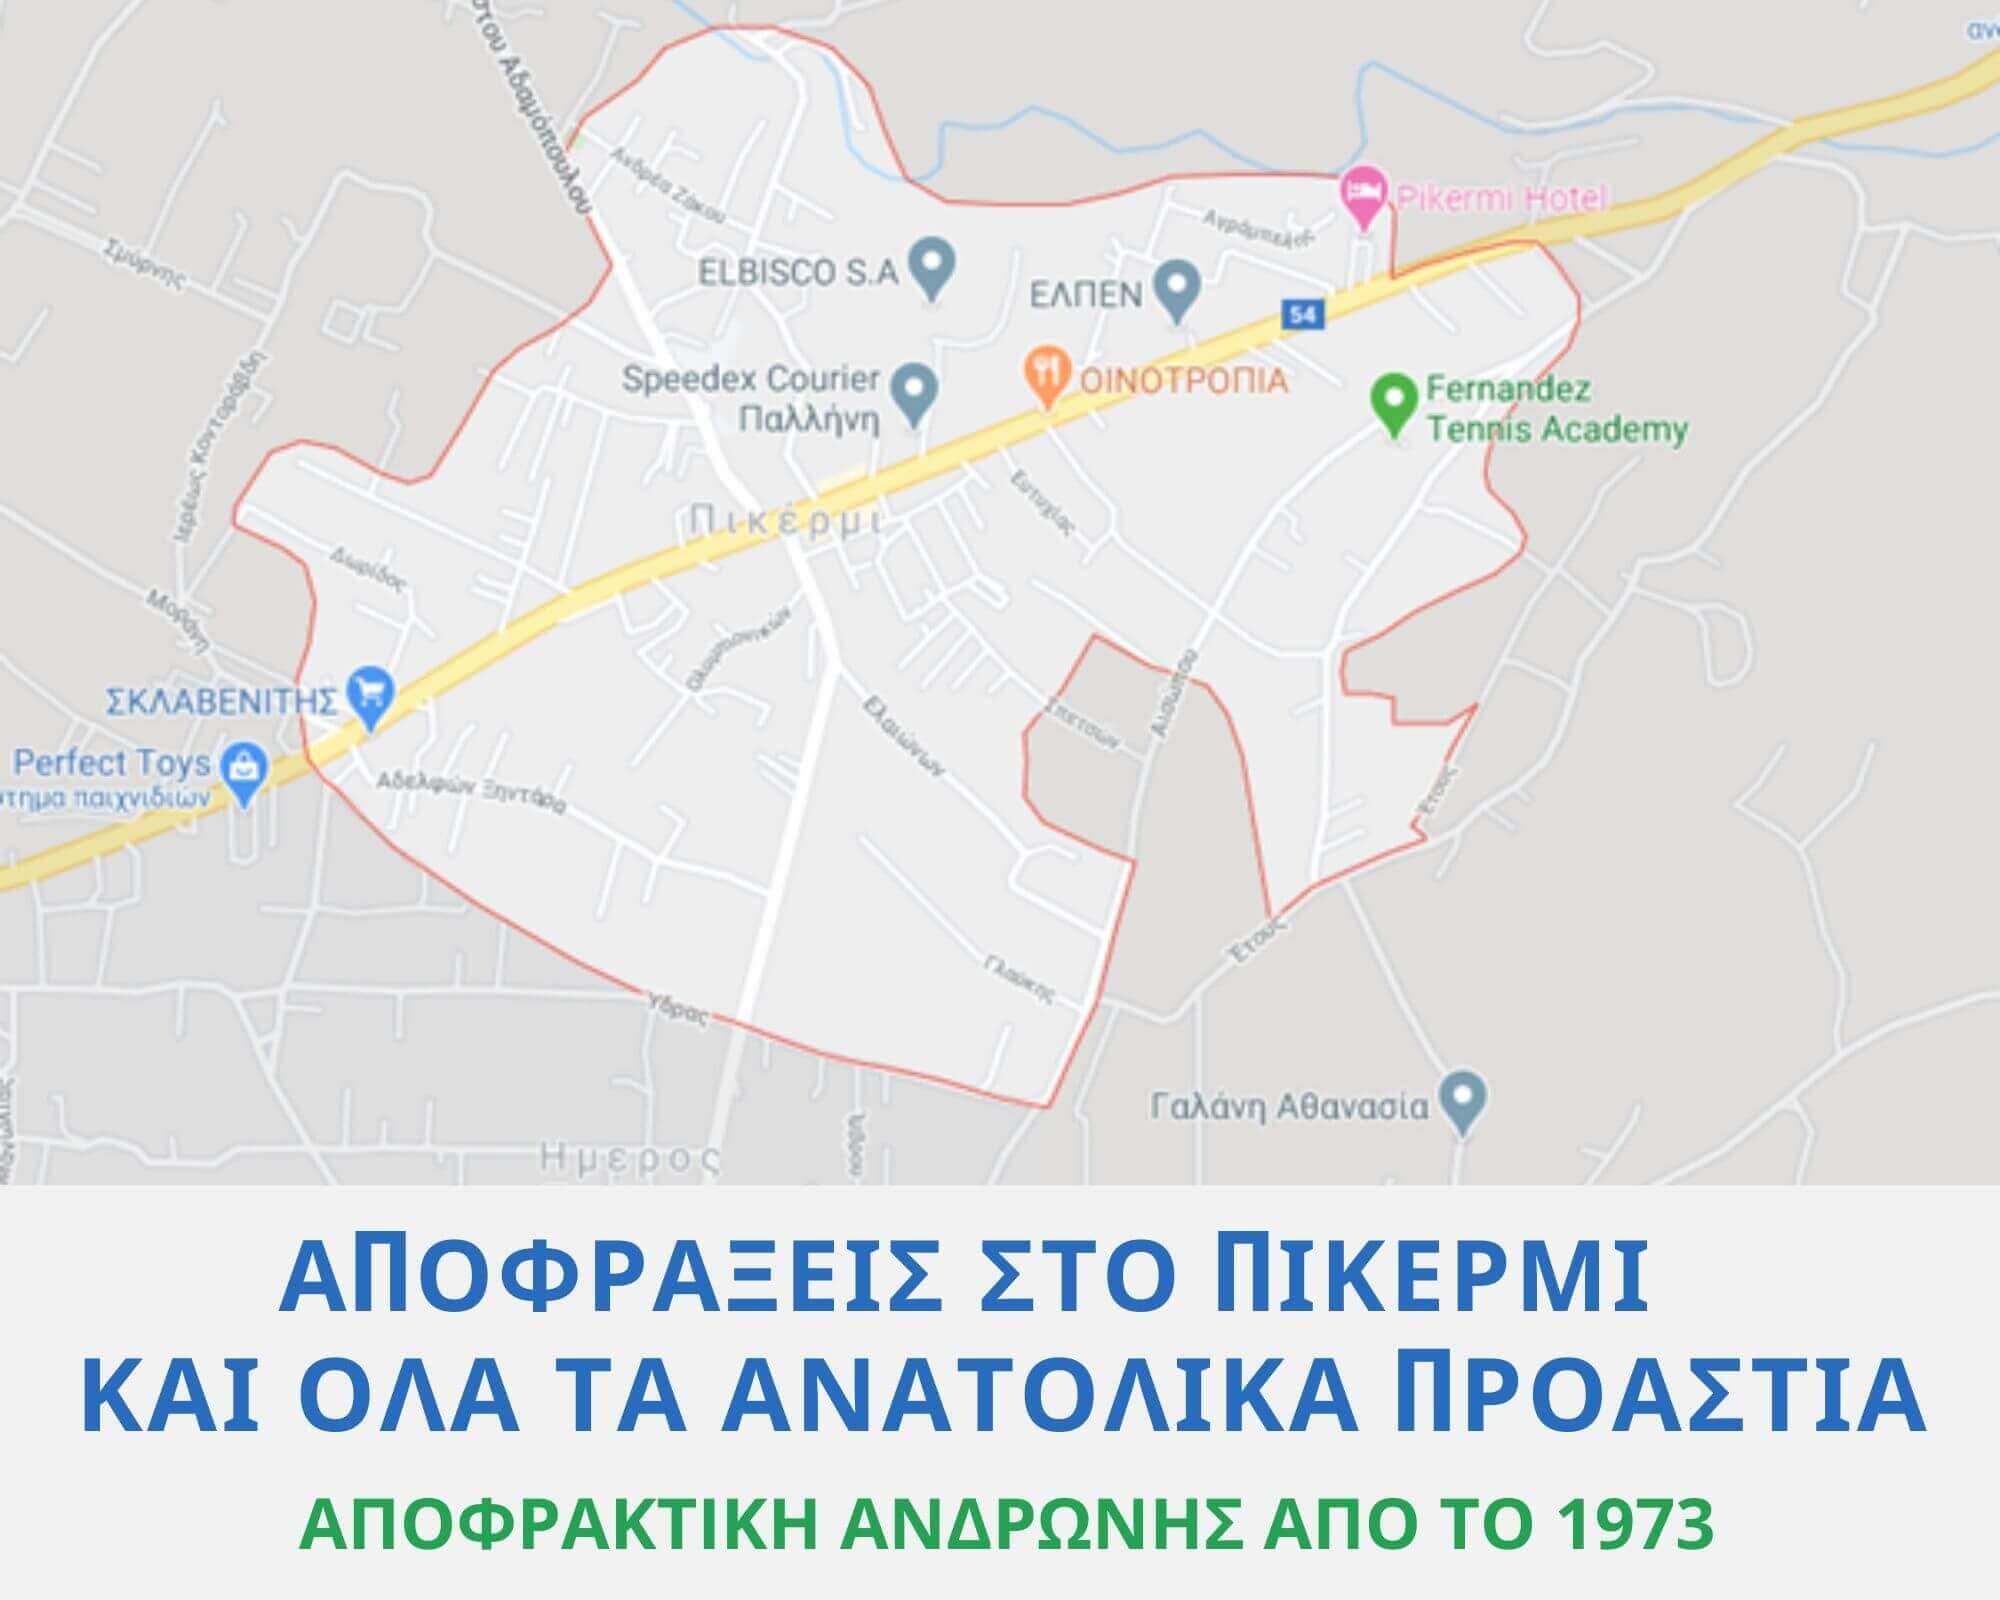 Αποφράξεις Πικέρμι - 213.02.50.818 - Αποφράξεις Αθήνα